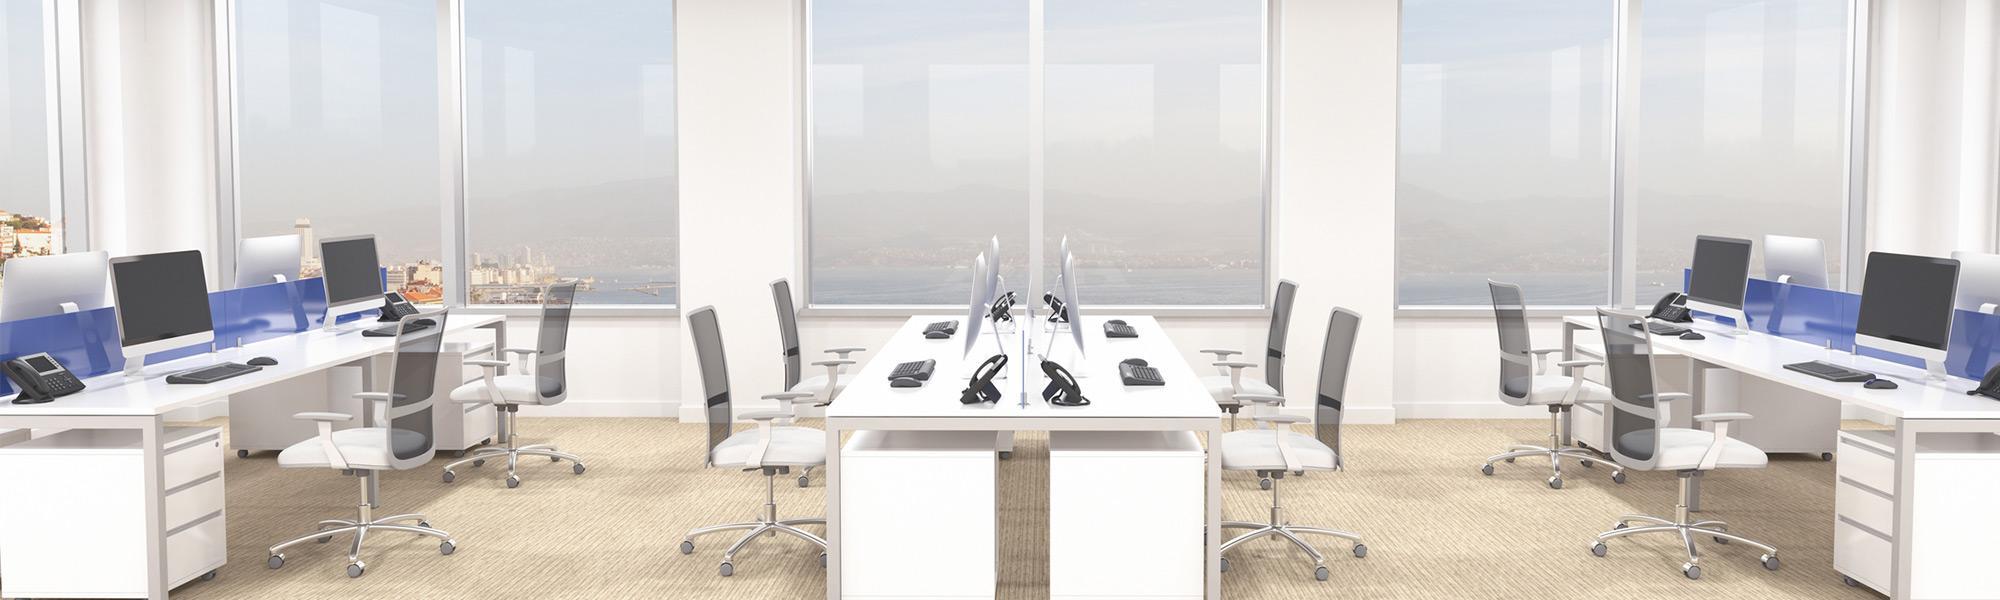 Arredo ufficio firenze poltrona ufficio ergonomica for Arredo ufficio design low cost